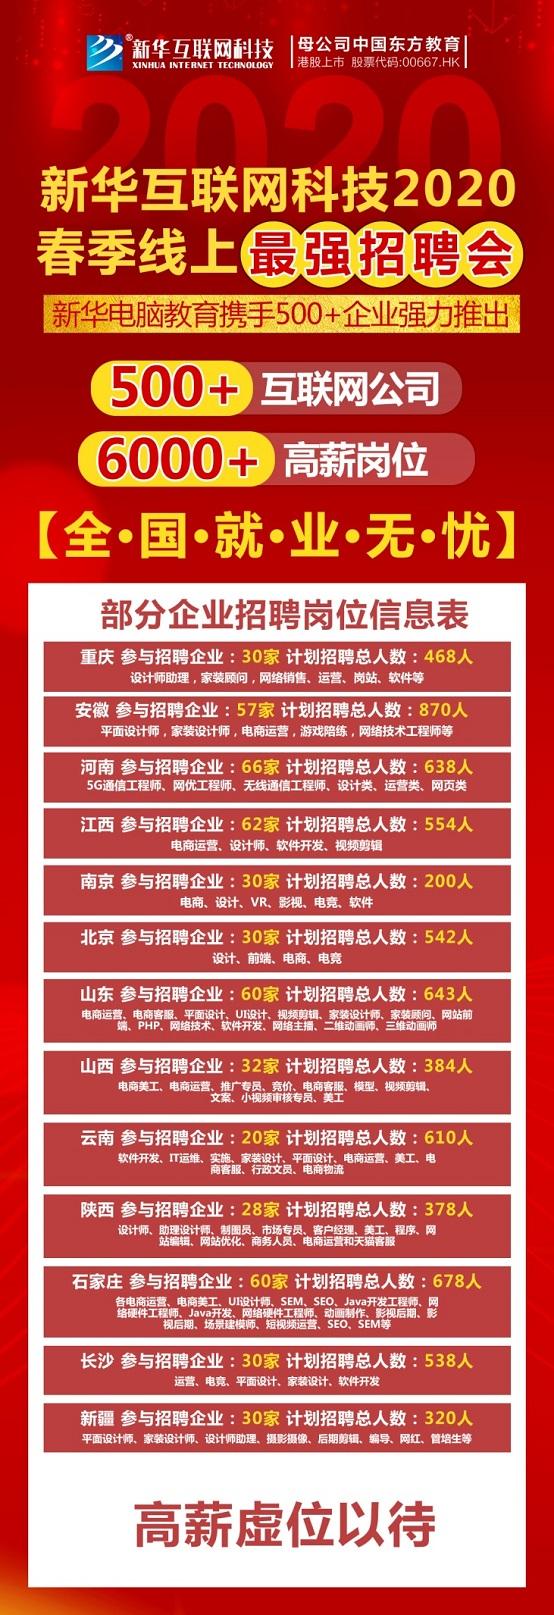 春风到 就业忙 新华互联网科技2020年春季线上招聘会开幕!